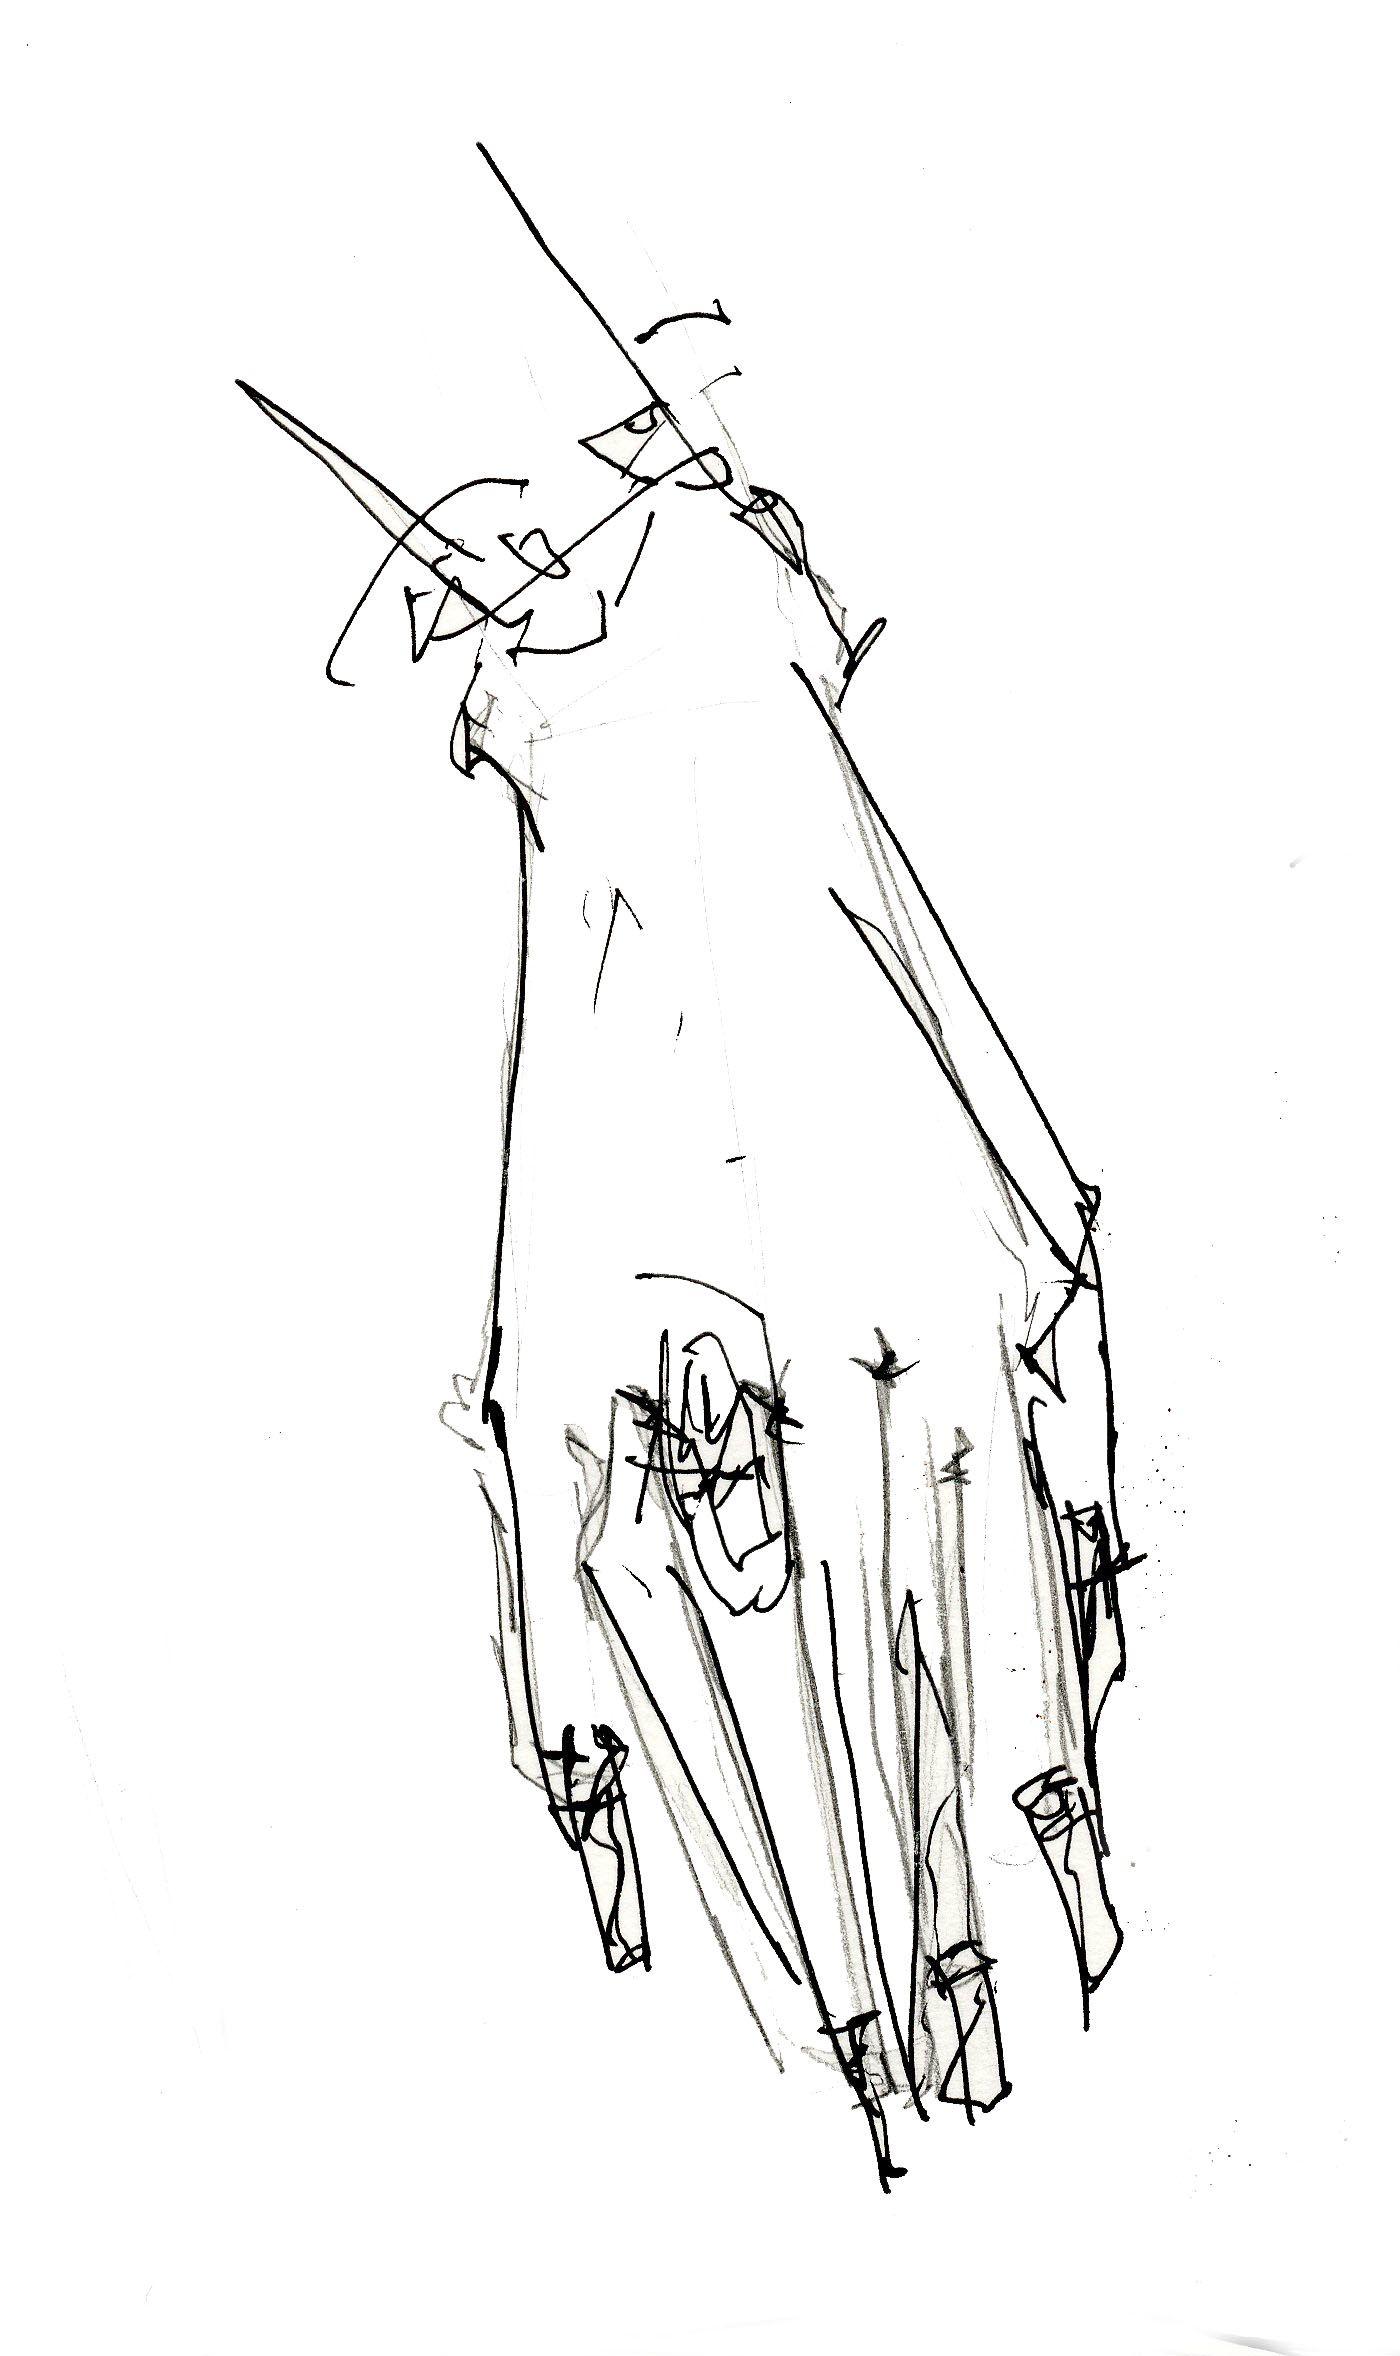 Illustration, Hand